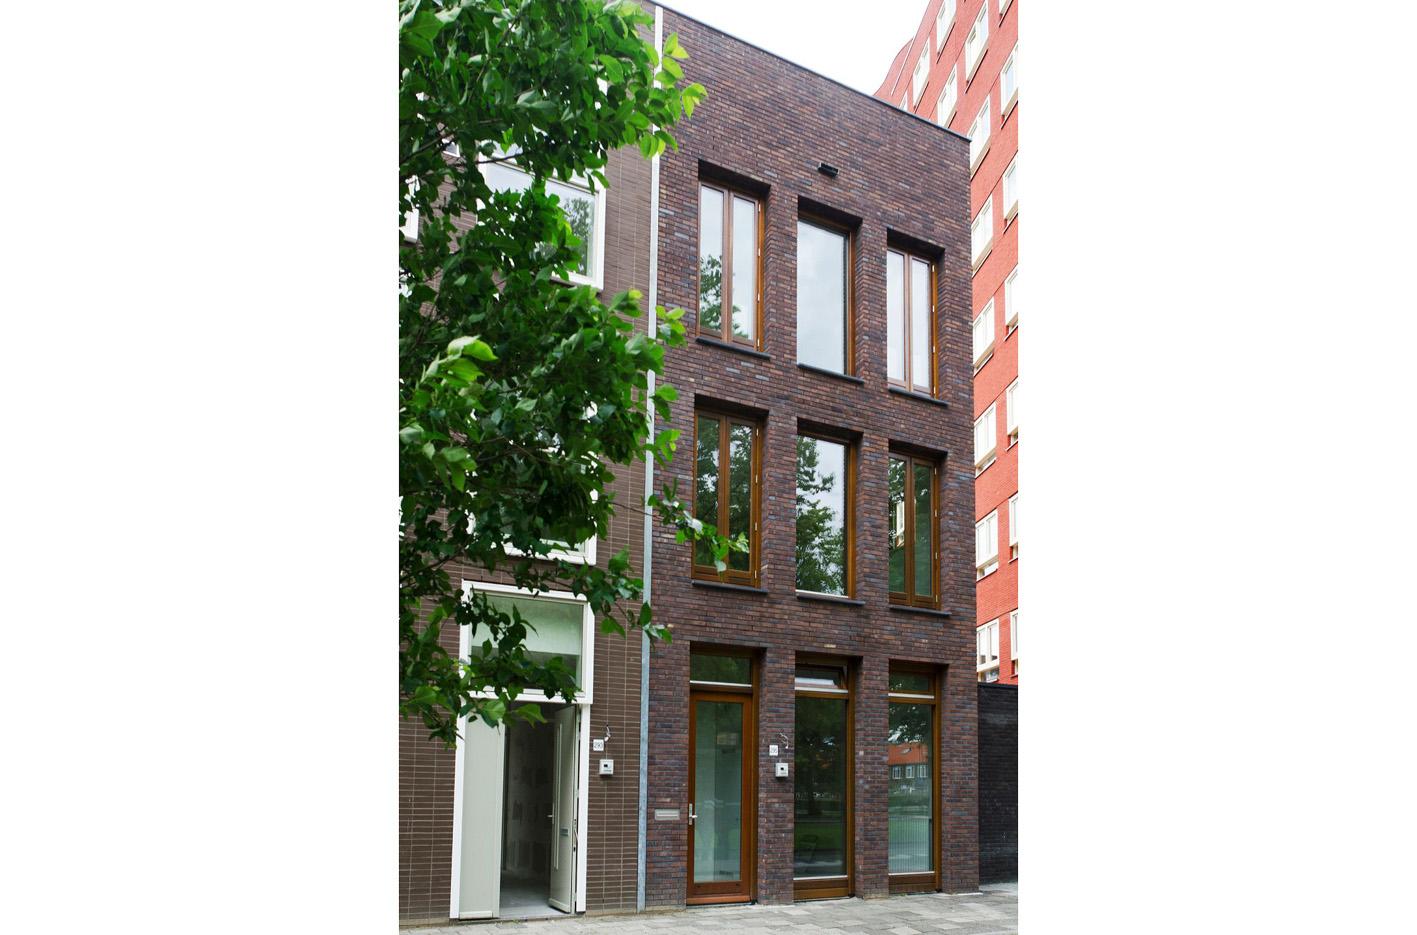 Kavel 9 van Tijenbuurt Getijenveld Atelier PUUUR zelfbouw particulier Opdrachtgeverschap Amsterdam West herenhuis metselwerk voorgevel